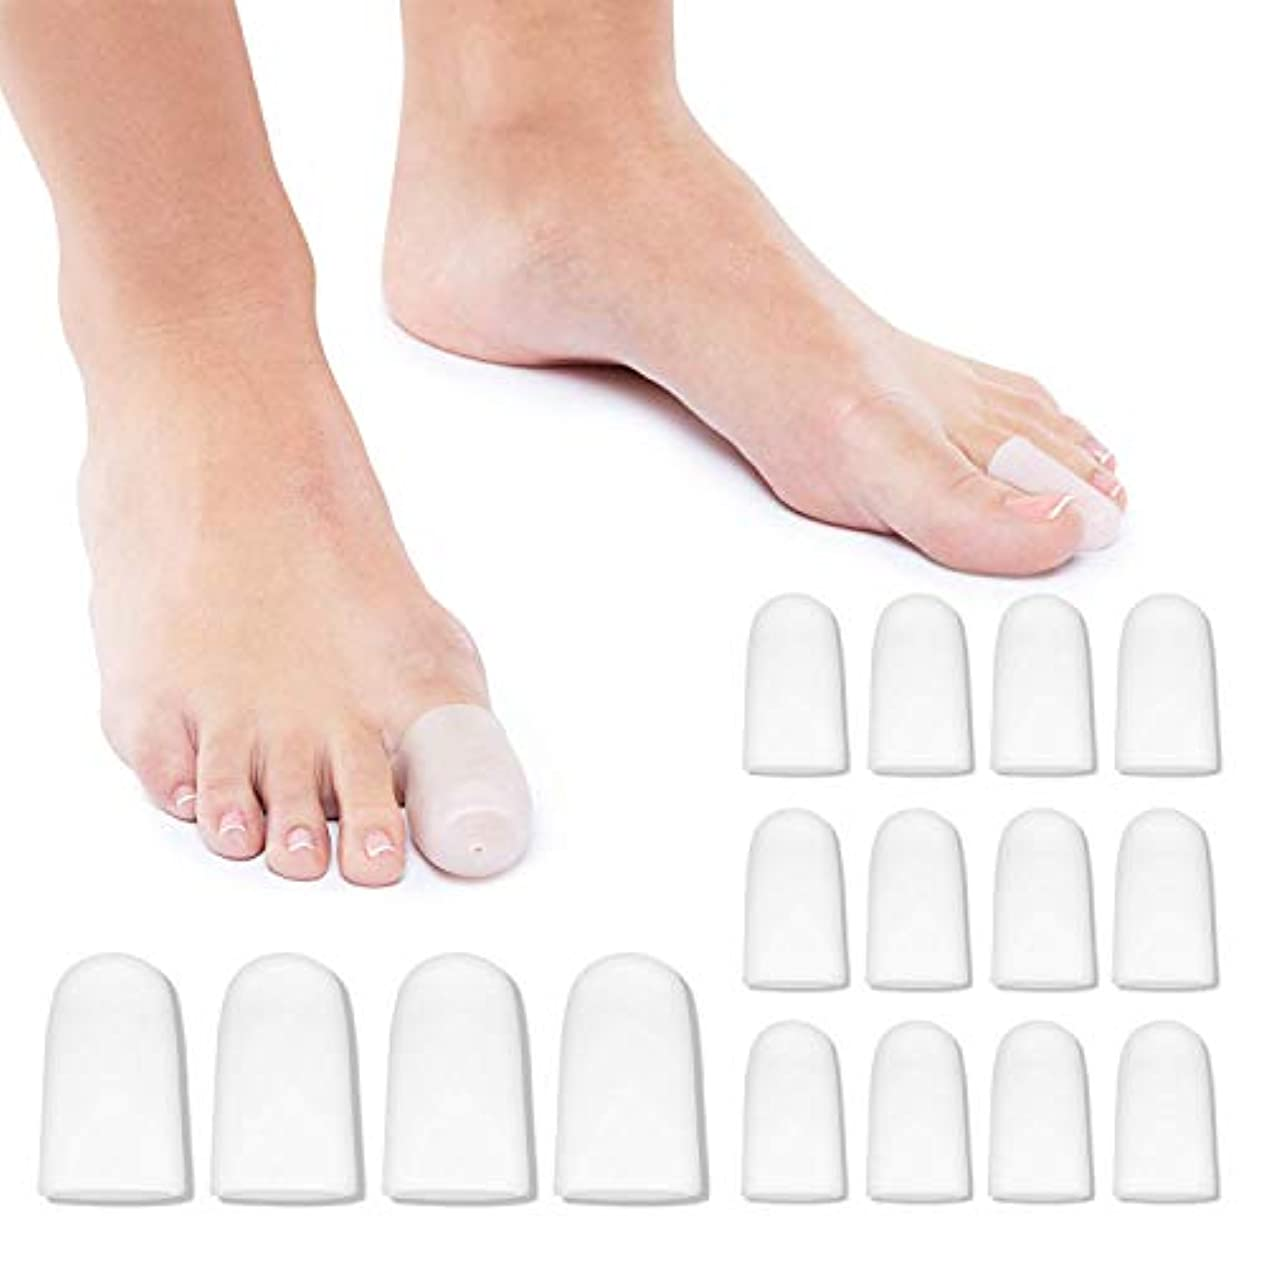 才能スチュアート島毒8ペアセット 足指保護キャップ シリコンキャップ 趾痛み軽減 男女兼用